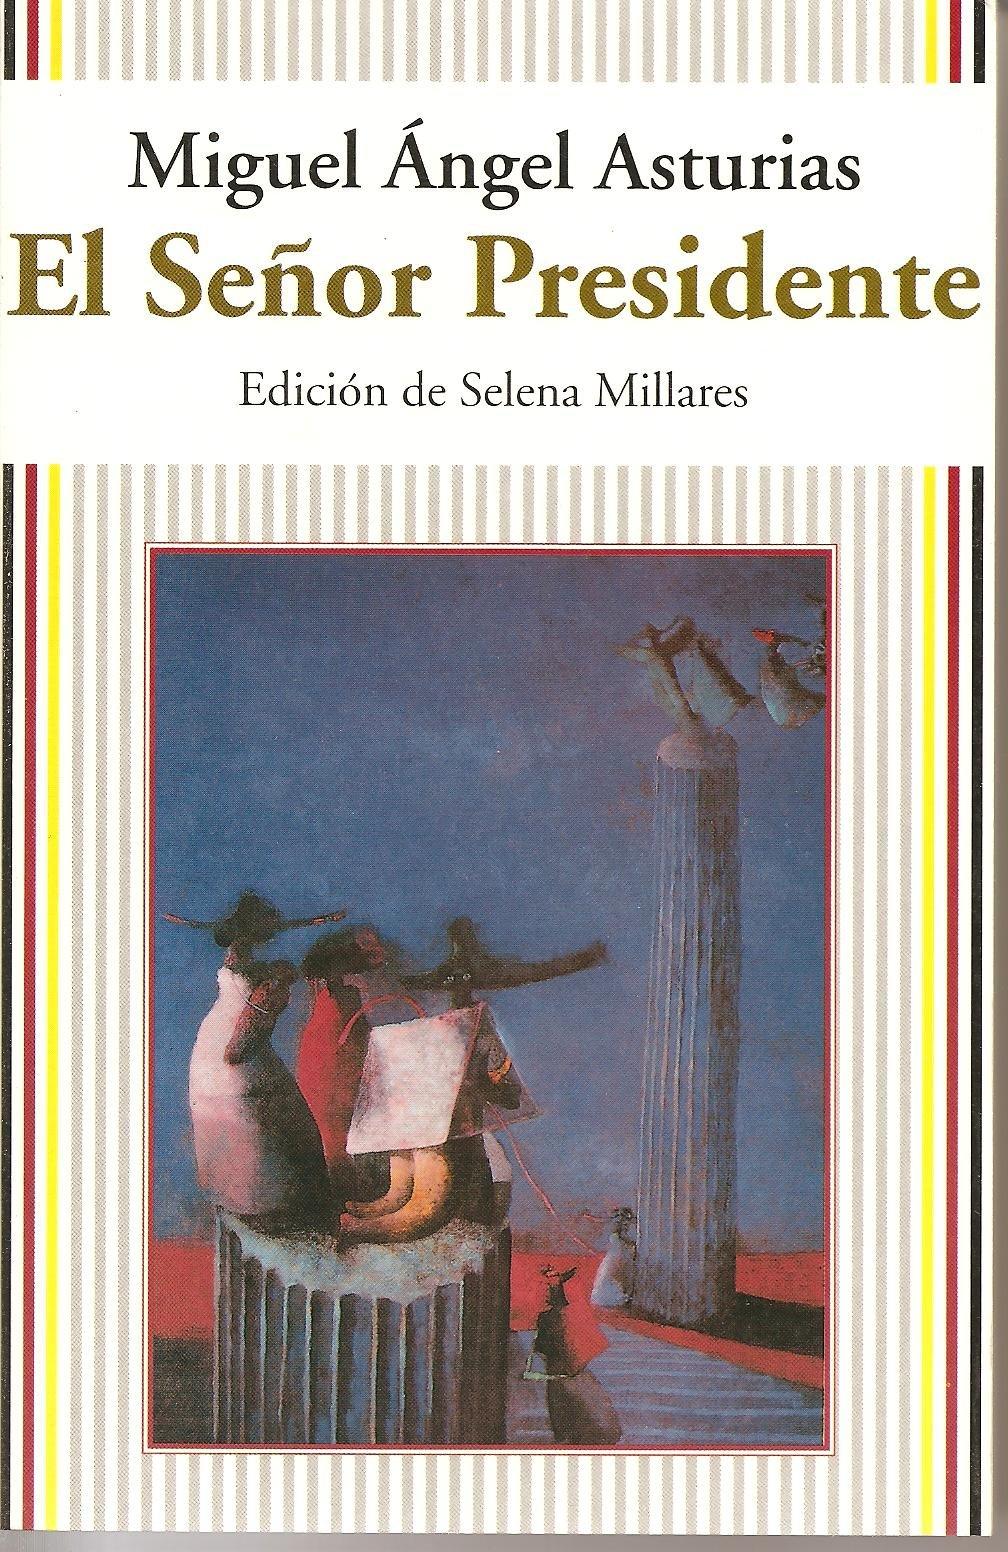 El señor presidente (Escritores de America): Amazon.es: Miguel Angel Asturias: Libros